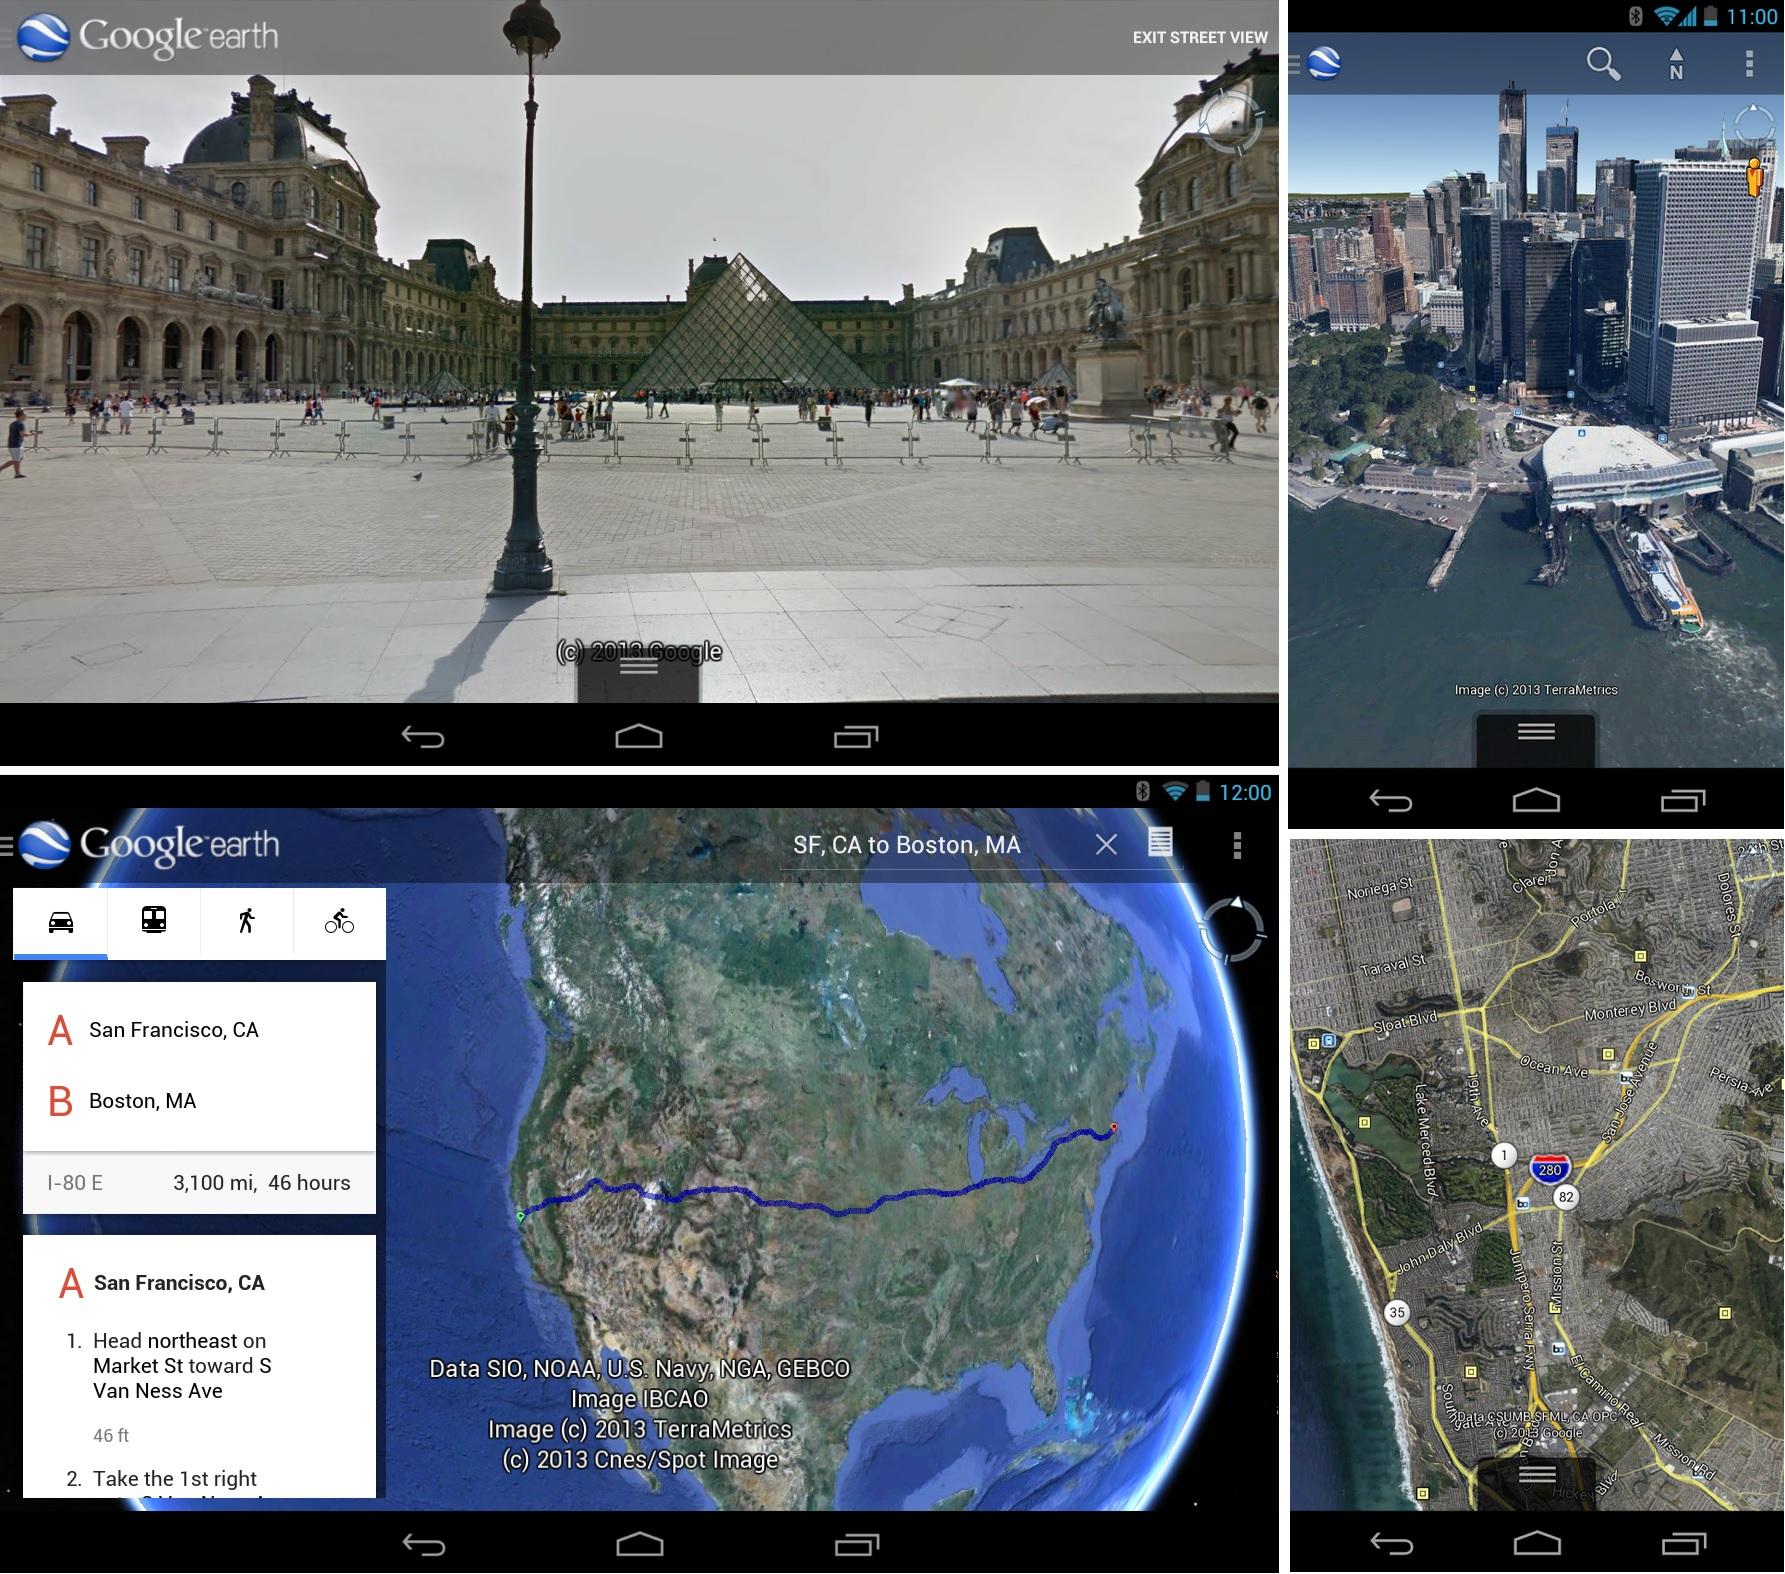 Планета гугл земля онлайн смотреть - e5a